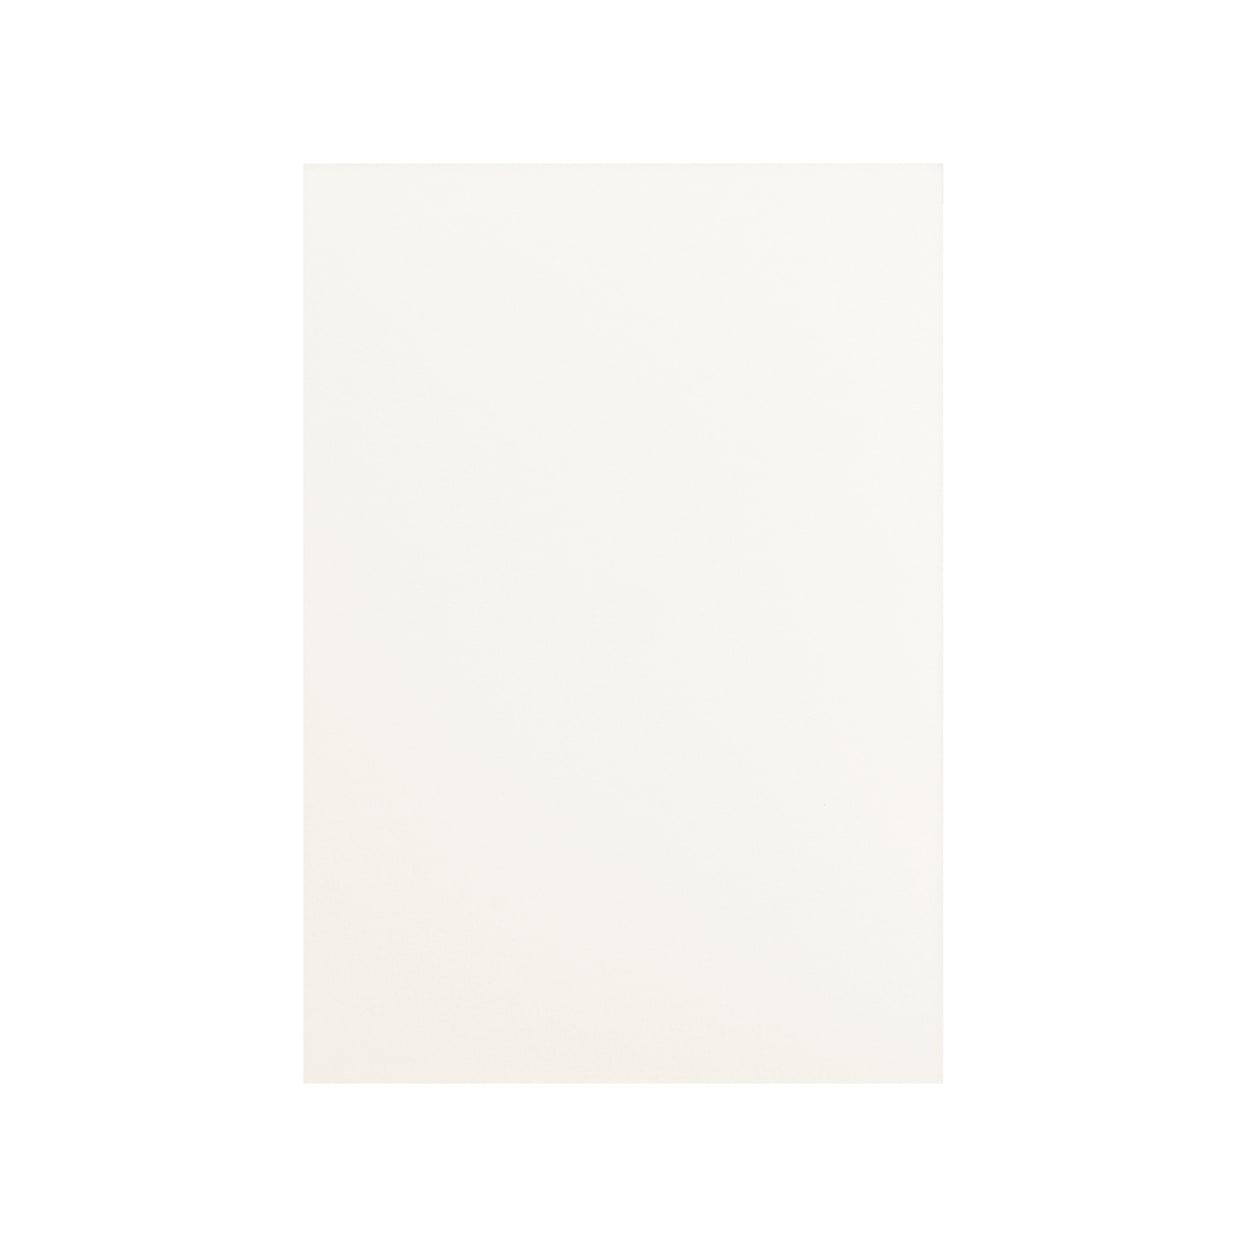 No.56ボーダード Pカード ゴールドスノーホワイト 232.8g